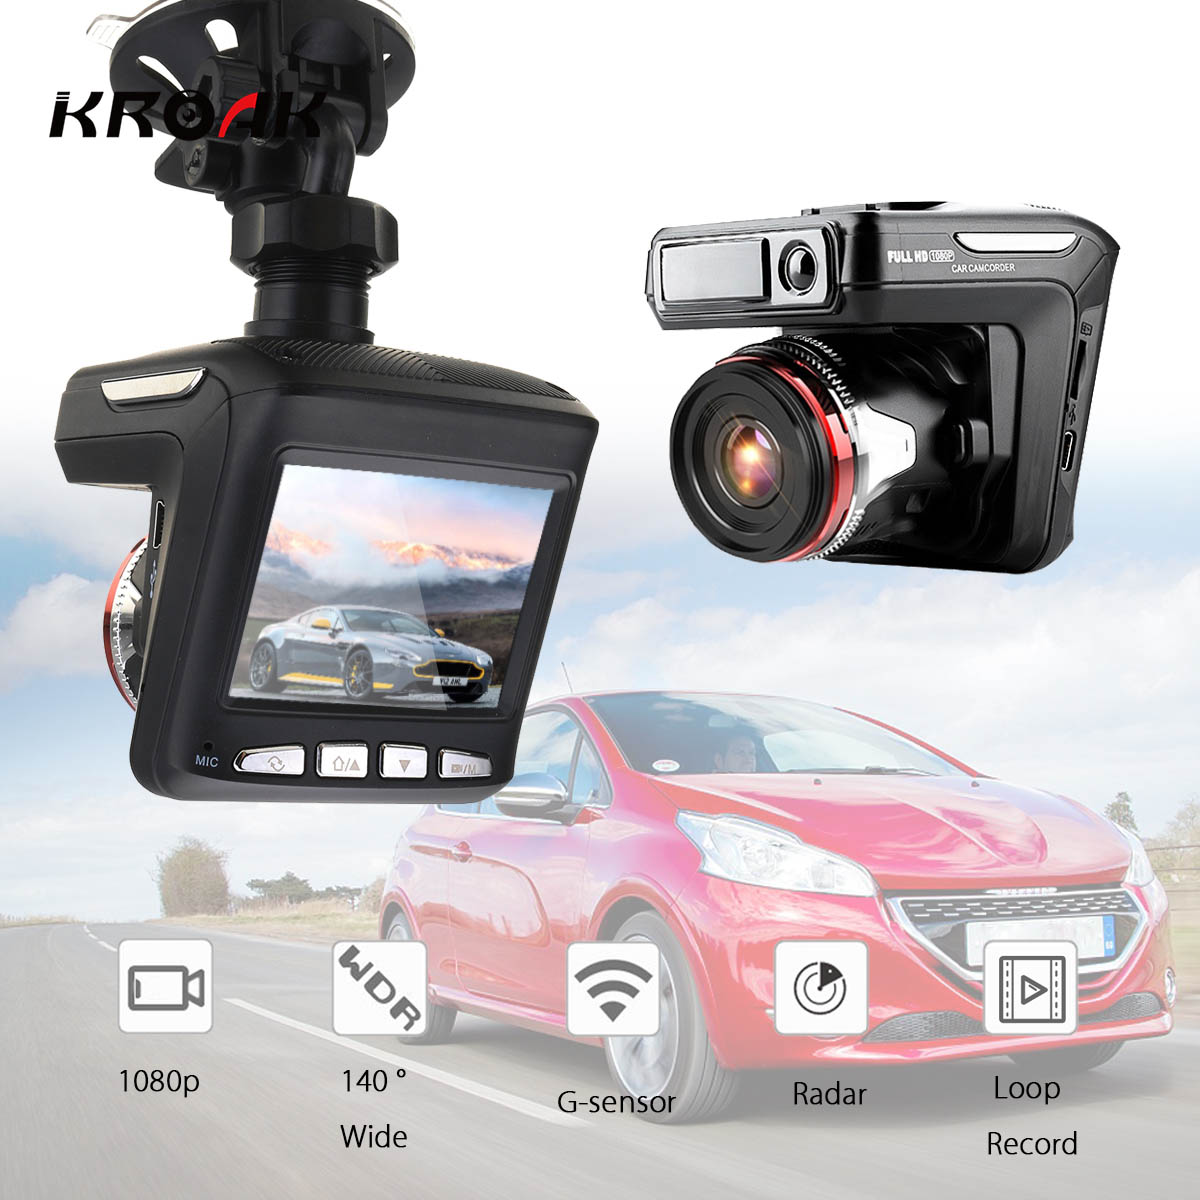 3 в 1 Автомобильный dvr Full HD 1080p радар детектор камера 140 градусов угол автомобиля видео регистраторы 2,4 дюймов ЖК-дисплей вождения Запись